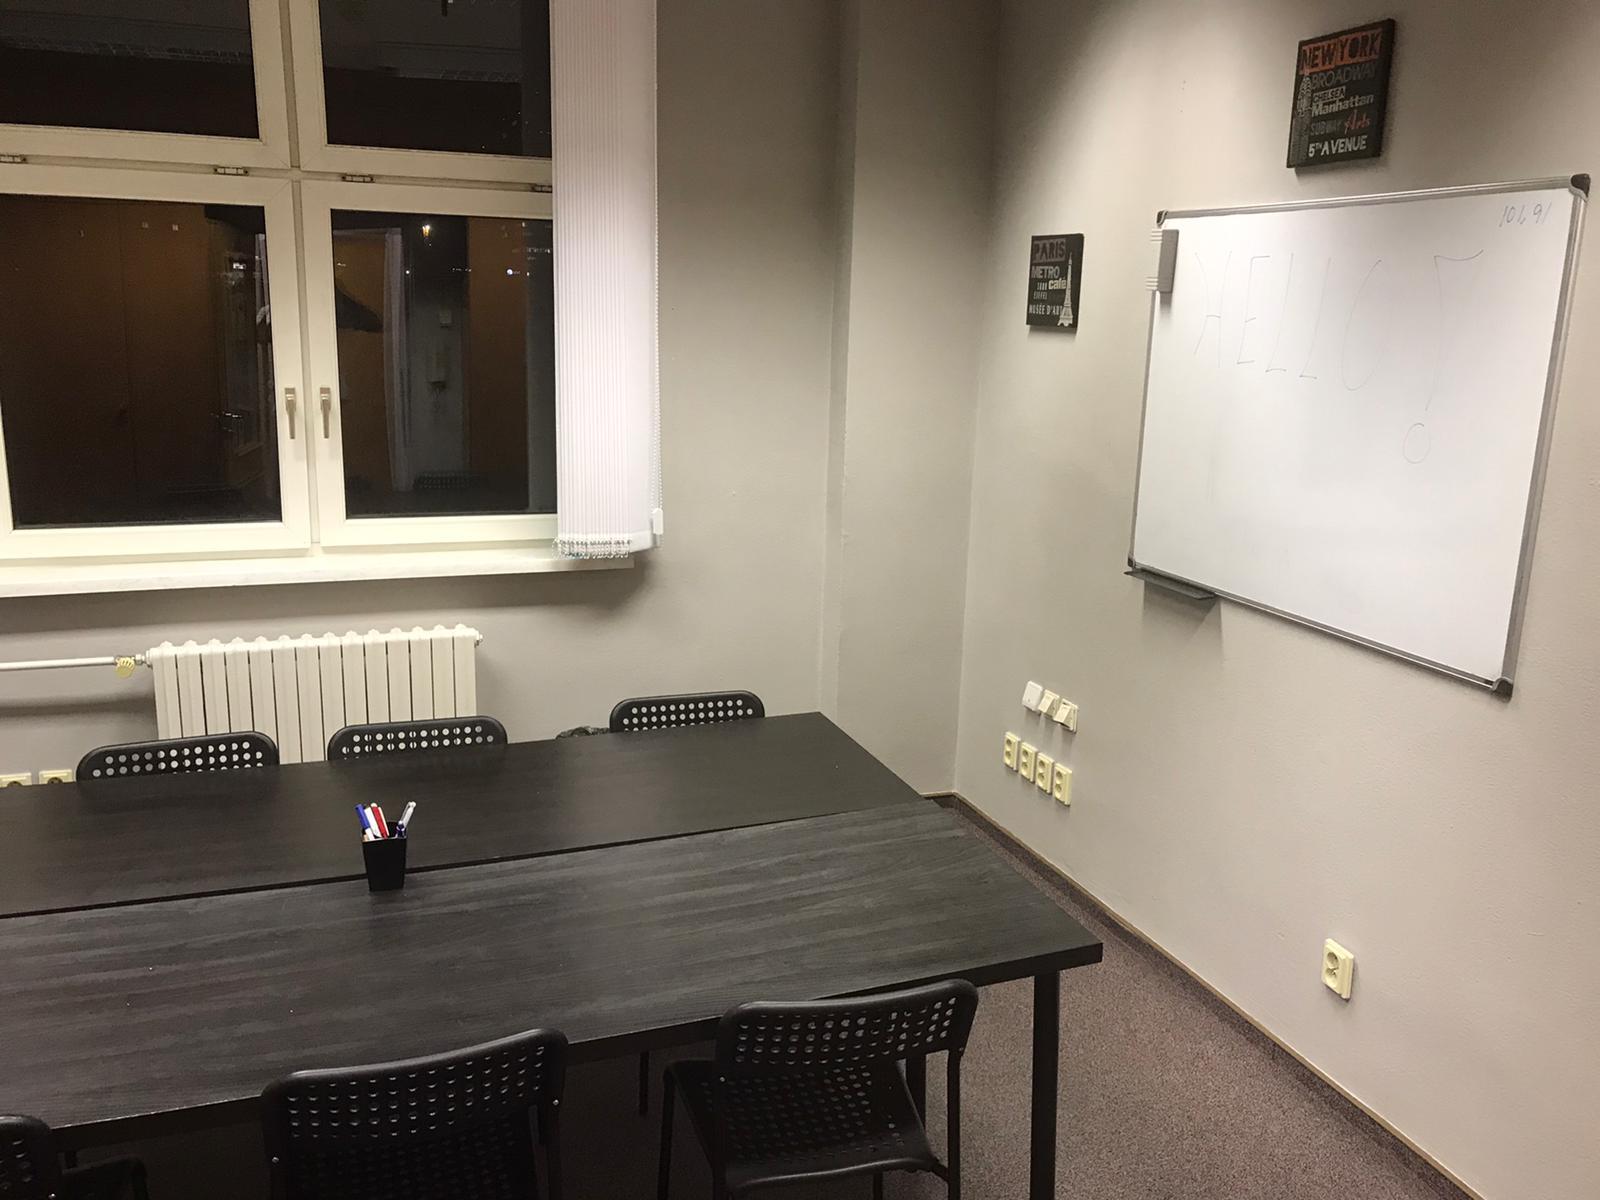 Ucebna jazykova skola Bratislava stare mesto